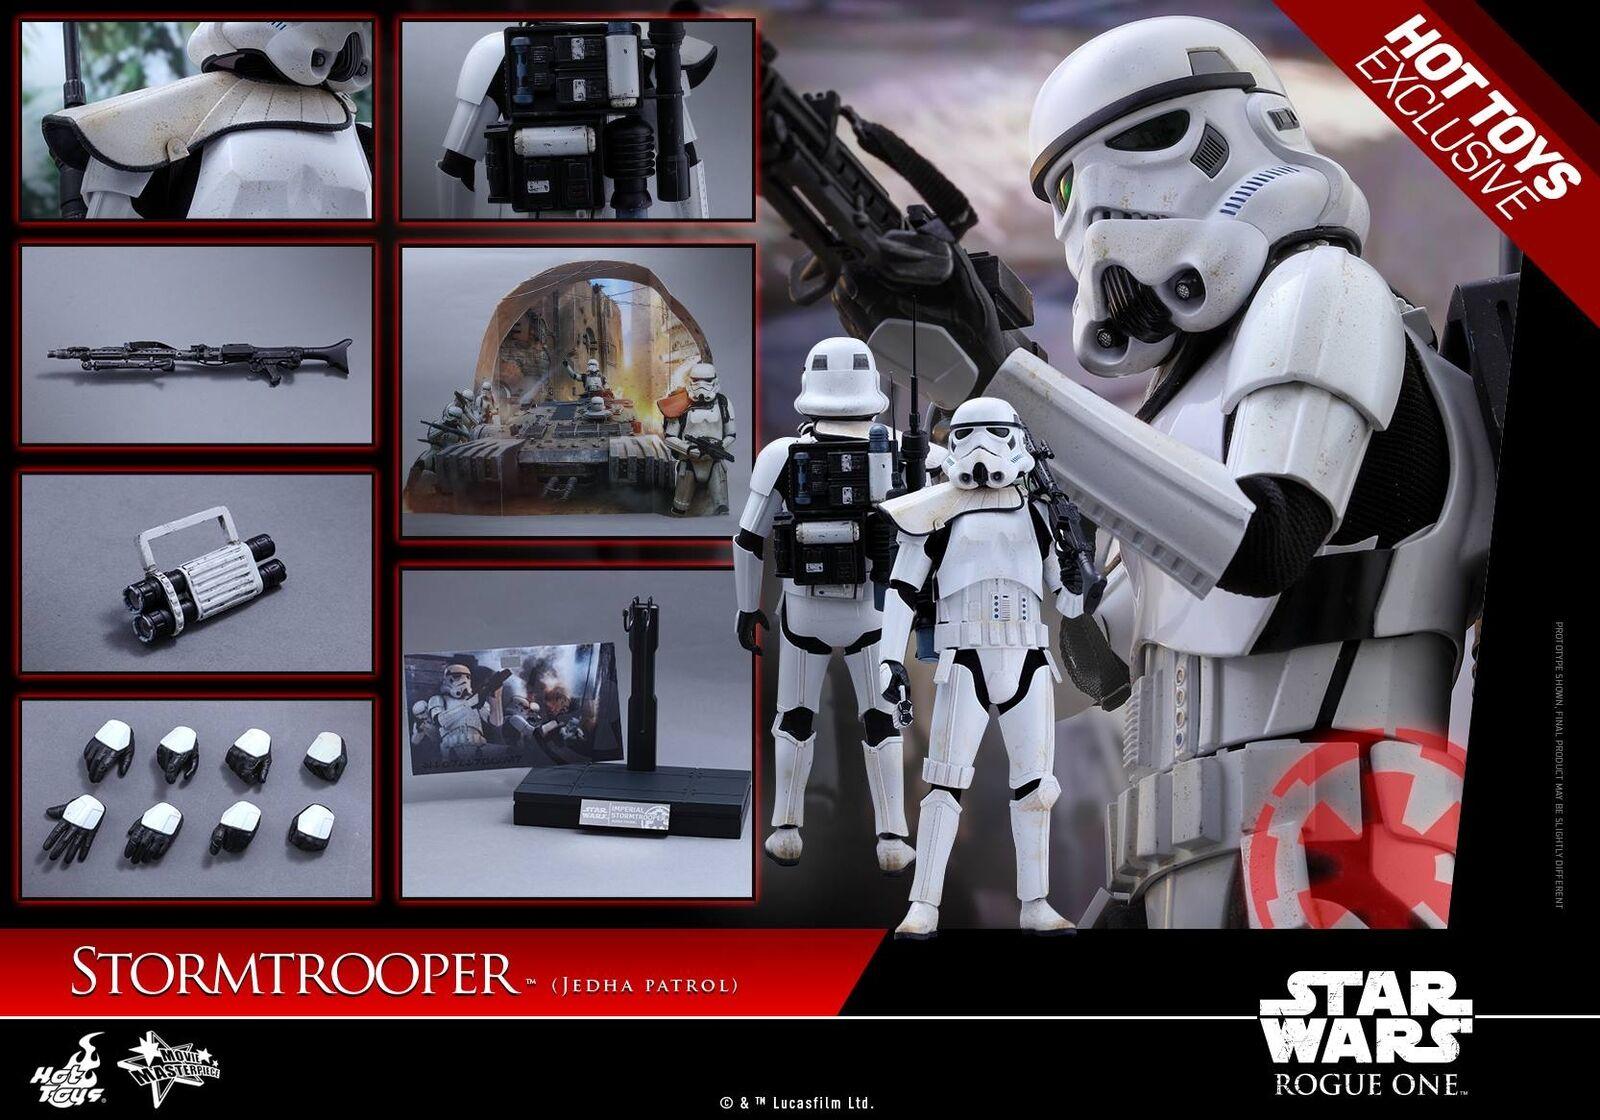 Hot Juguetes 1 6 Rogue uno una historia de la guerra de las galaxias MMS386 jedha patrulla Stormtrooper Figura